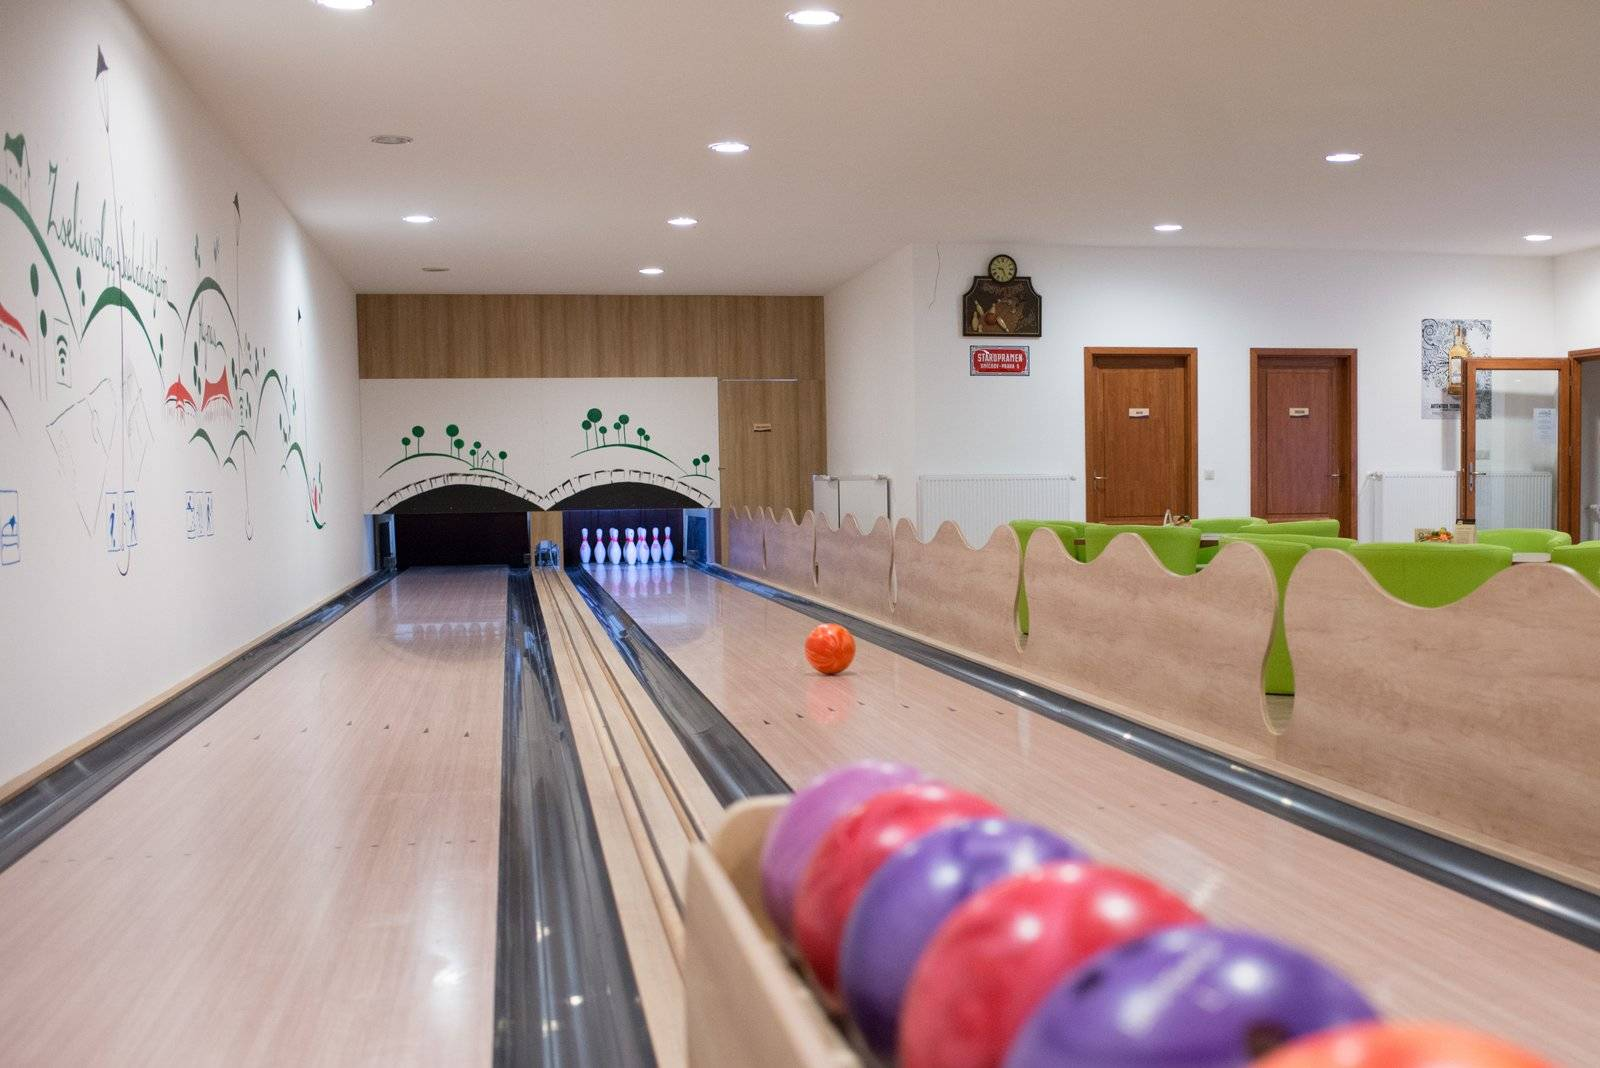 Zselicvölgy Szabadidőfarm Hajmás - Bowling terem - -